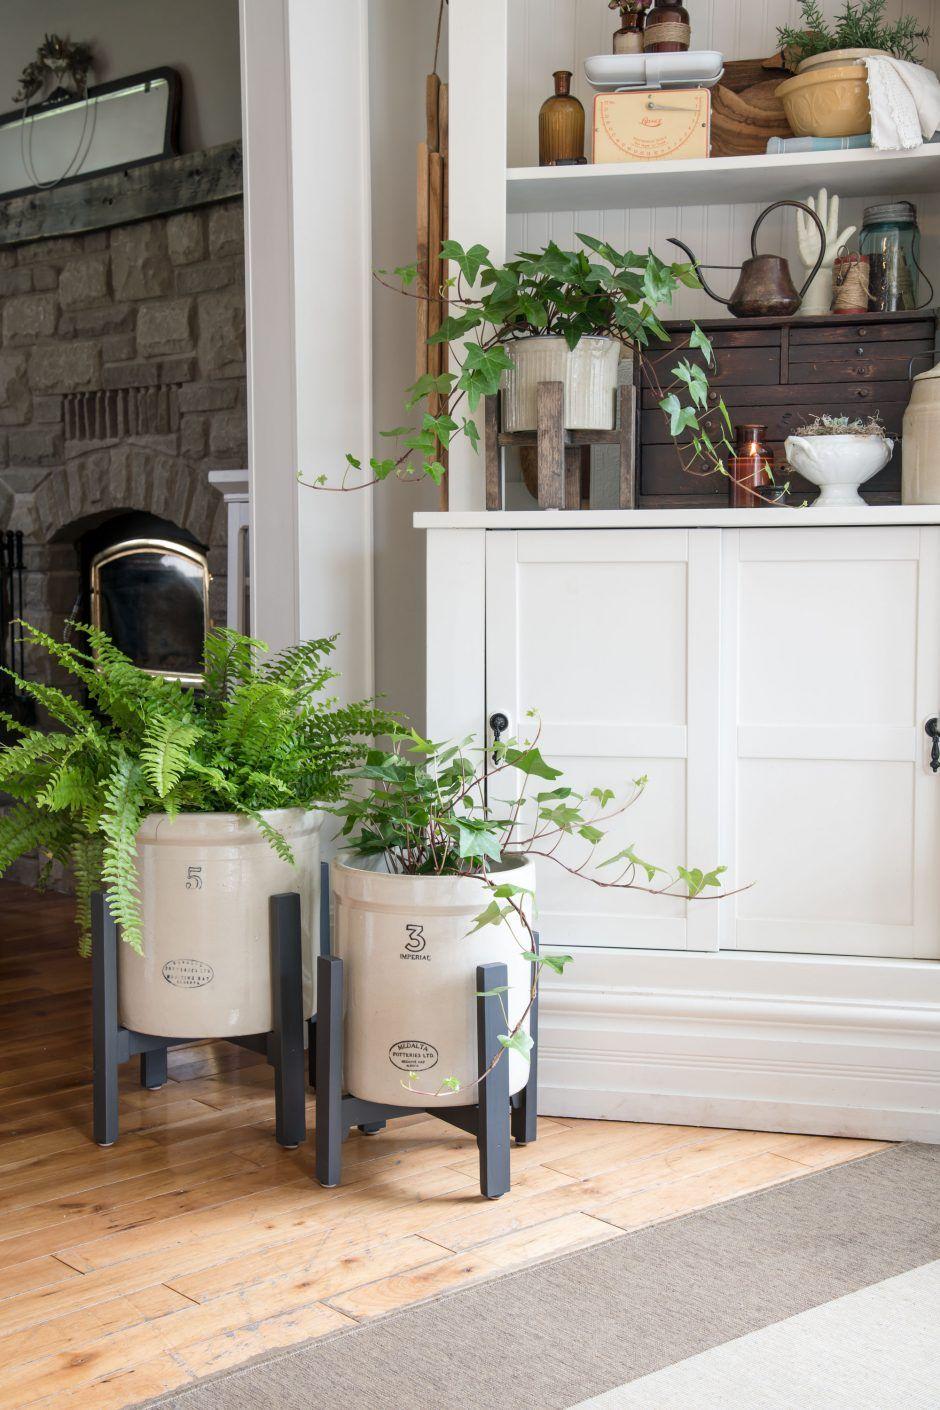 DIY Stands for Vintage Crocks - Cozy Living #cozyliving